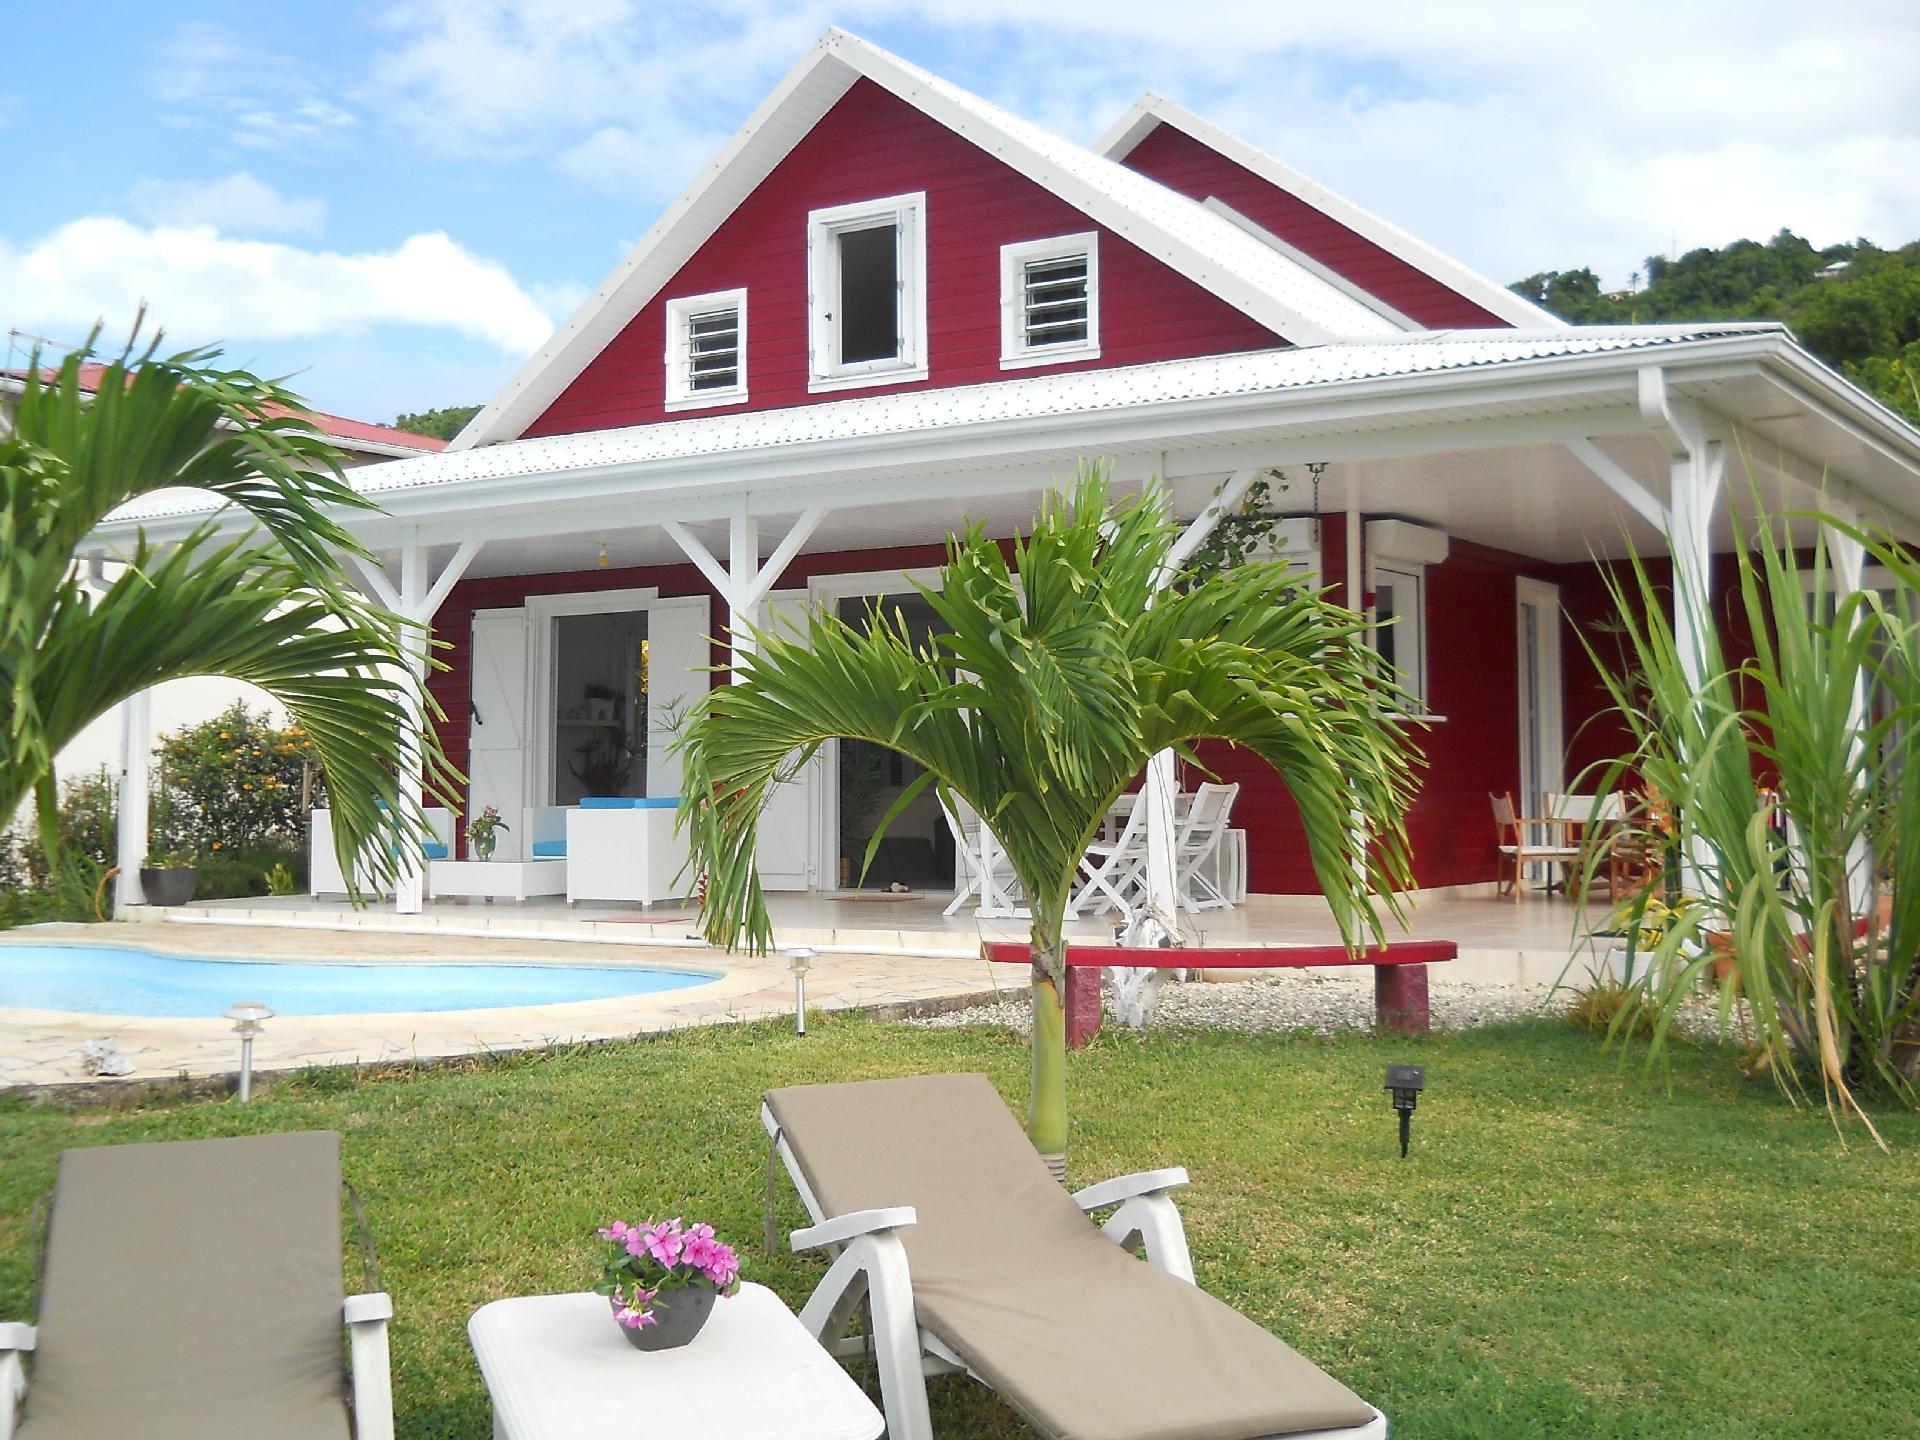 Casa de vacaciones con piscina particular para 6 personas aprox. 180 m² en La Trinité, La Trinité